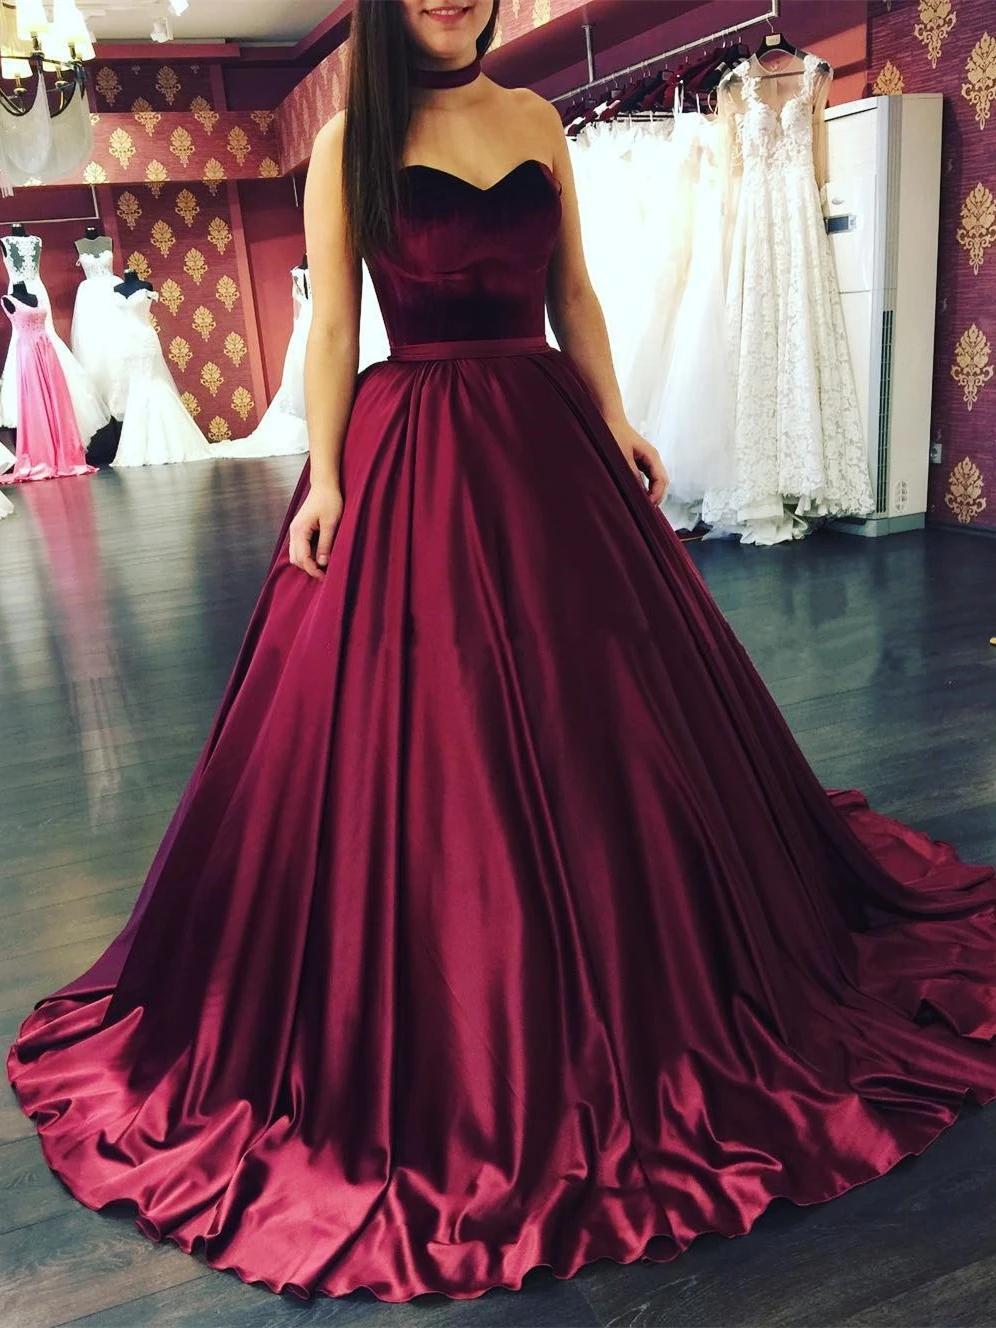 Ball Gown Prom Dresses Sweetheart Floor Length Satin Sleeveless Summer Evening Dress On Storenvy In 2020 Puffy Prom Dresses Ball Gowns Sweep Train Prom Dress [ 1328 x 996 Pixel ]